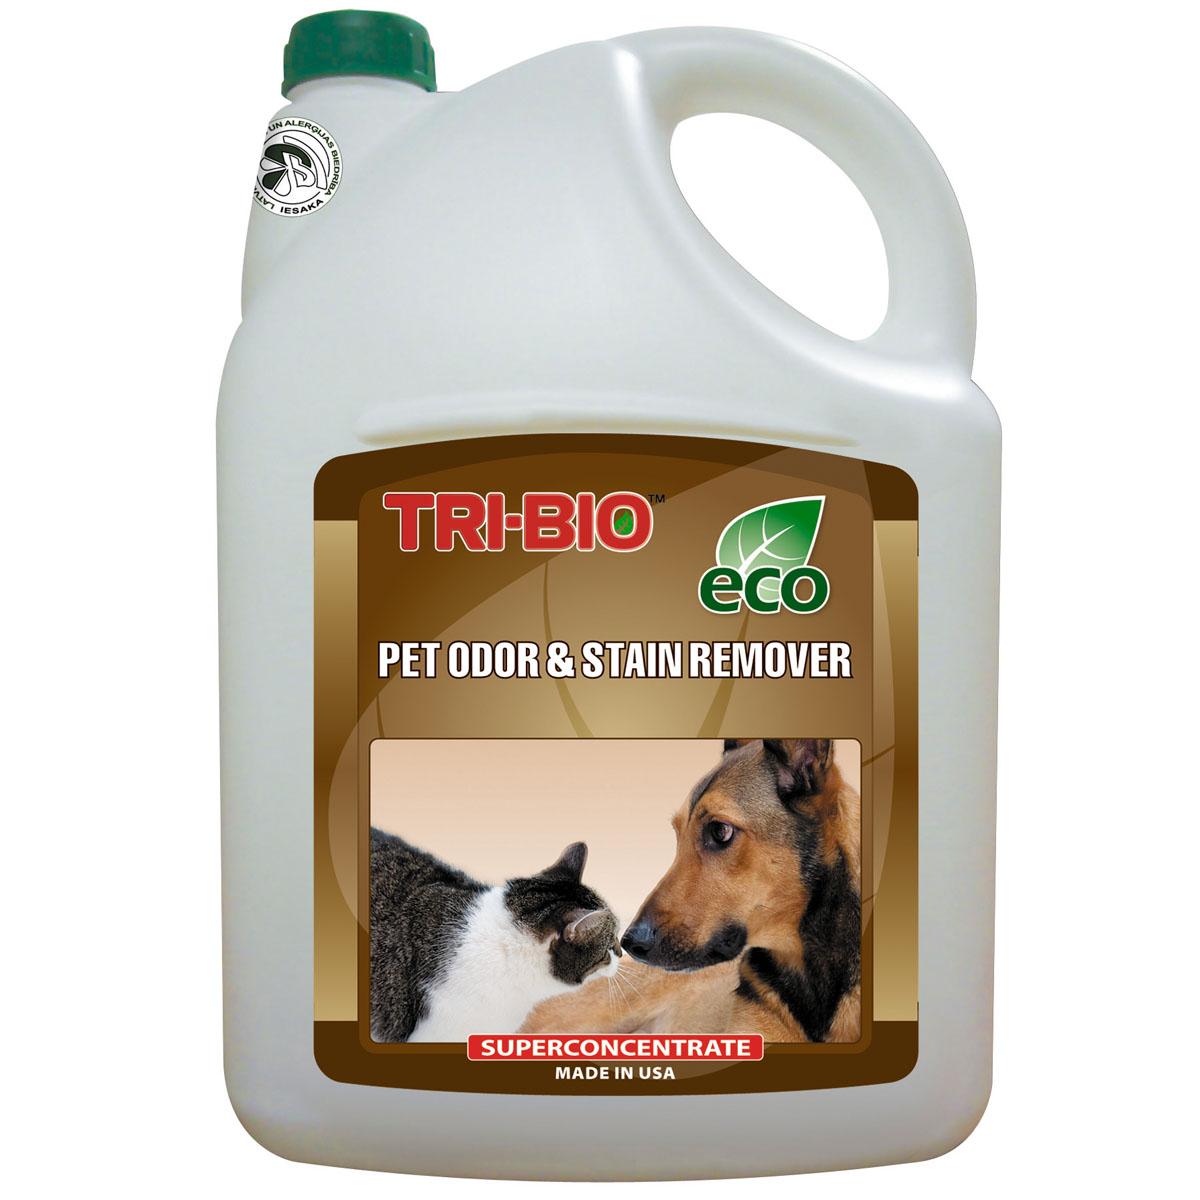 Биосредство  Tri-Bio  для удаления запахов и пятен от домашних животных, 4,4 л - Бытовая химия